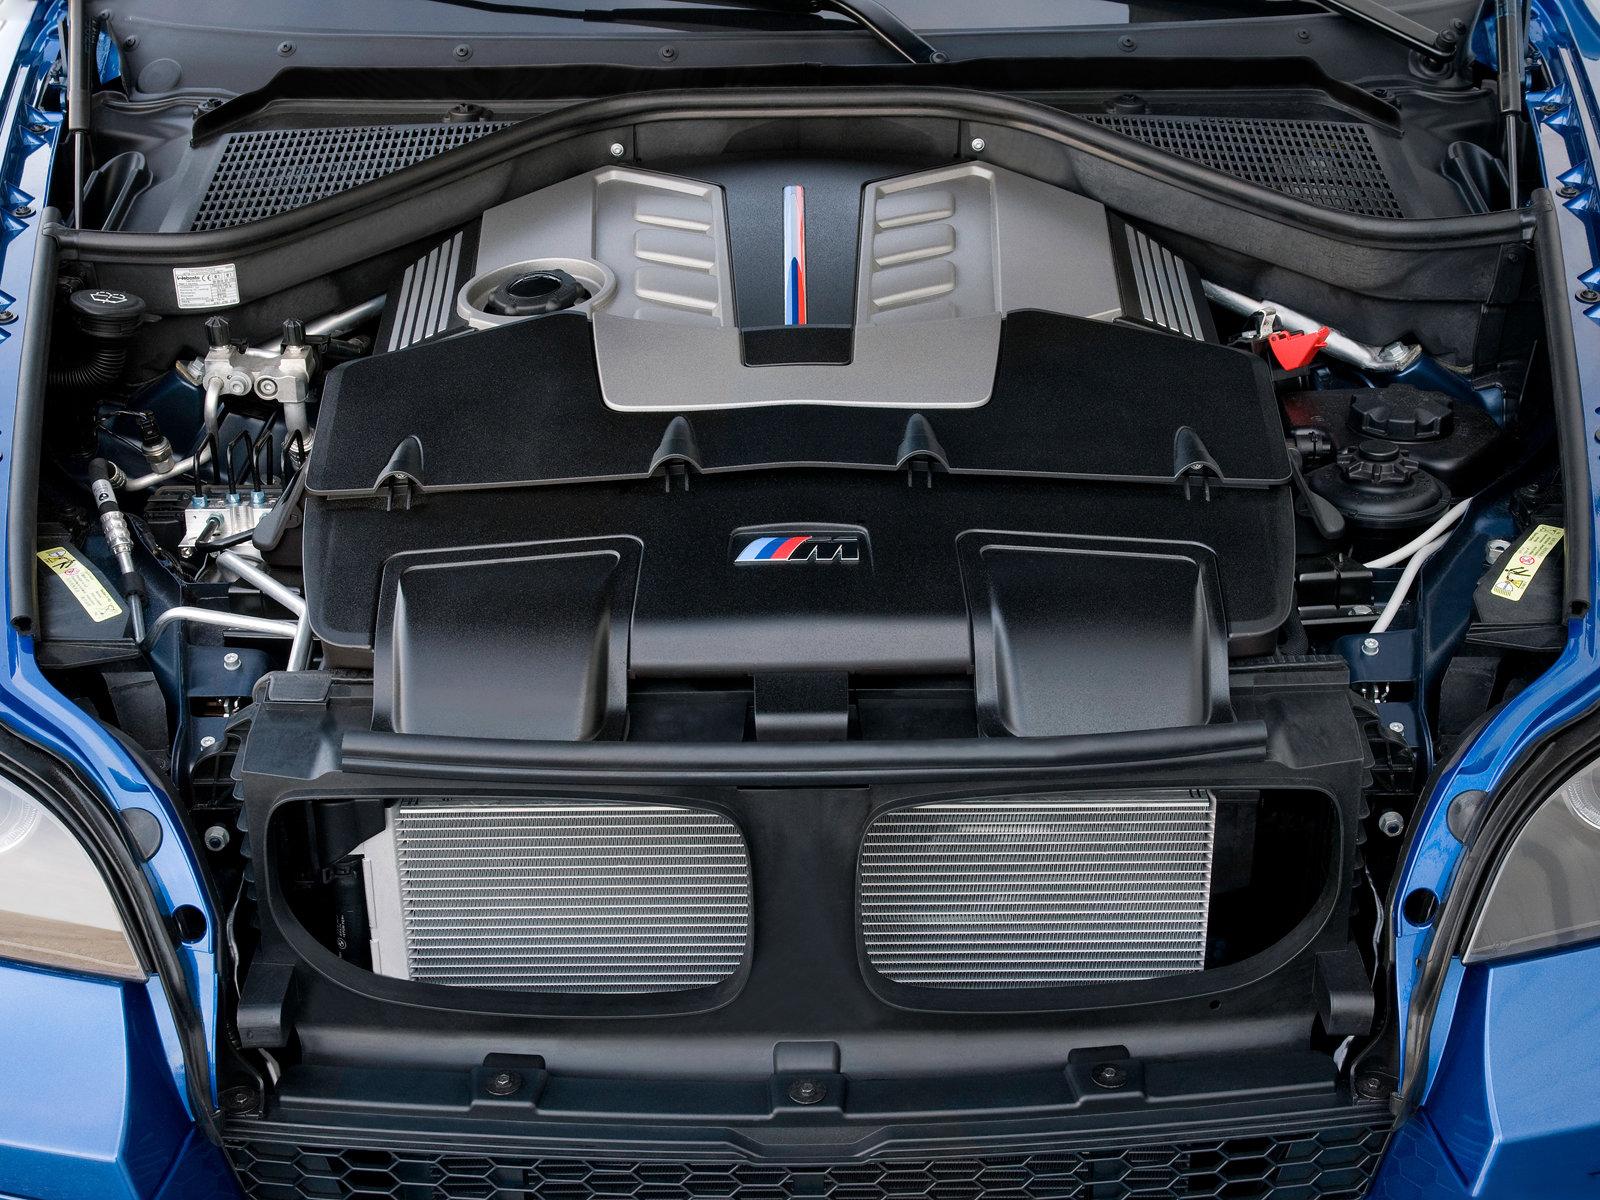 2010 BMW X5 M engine